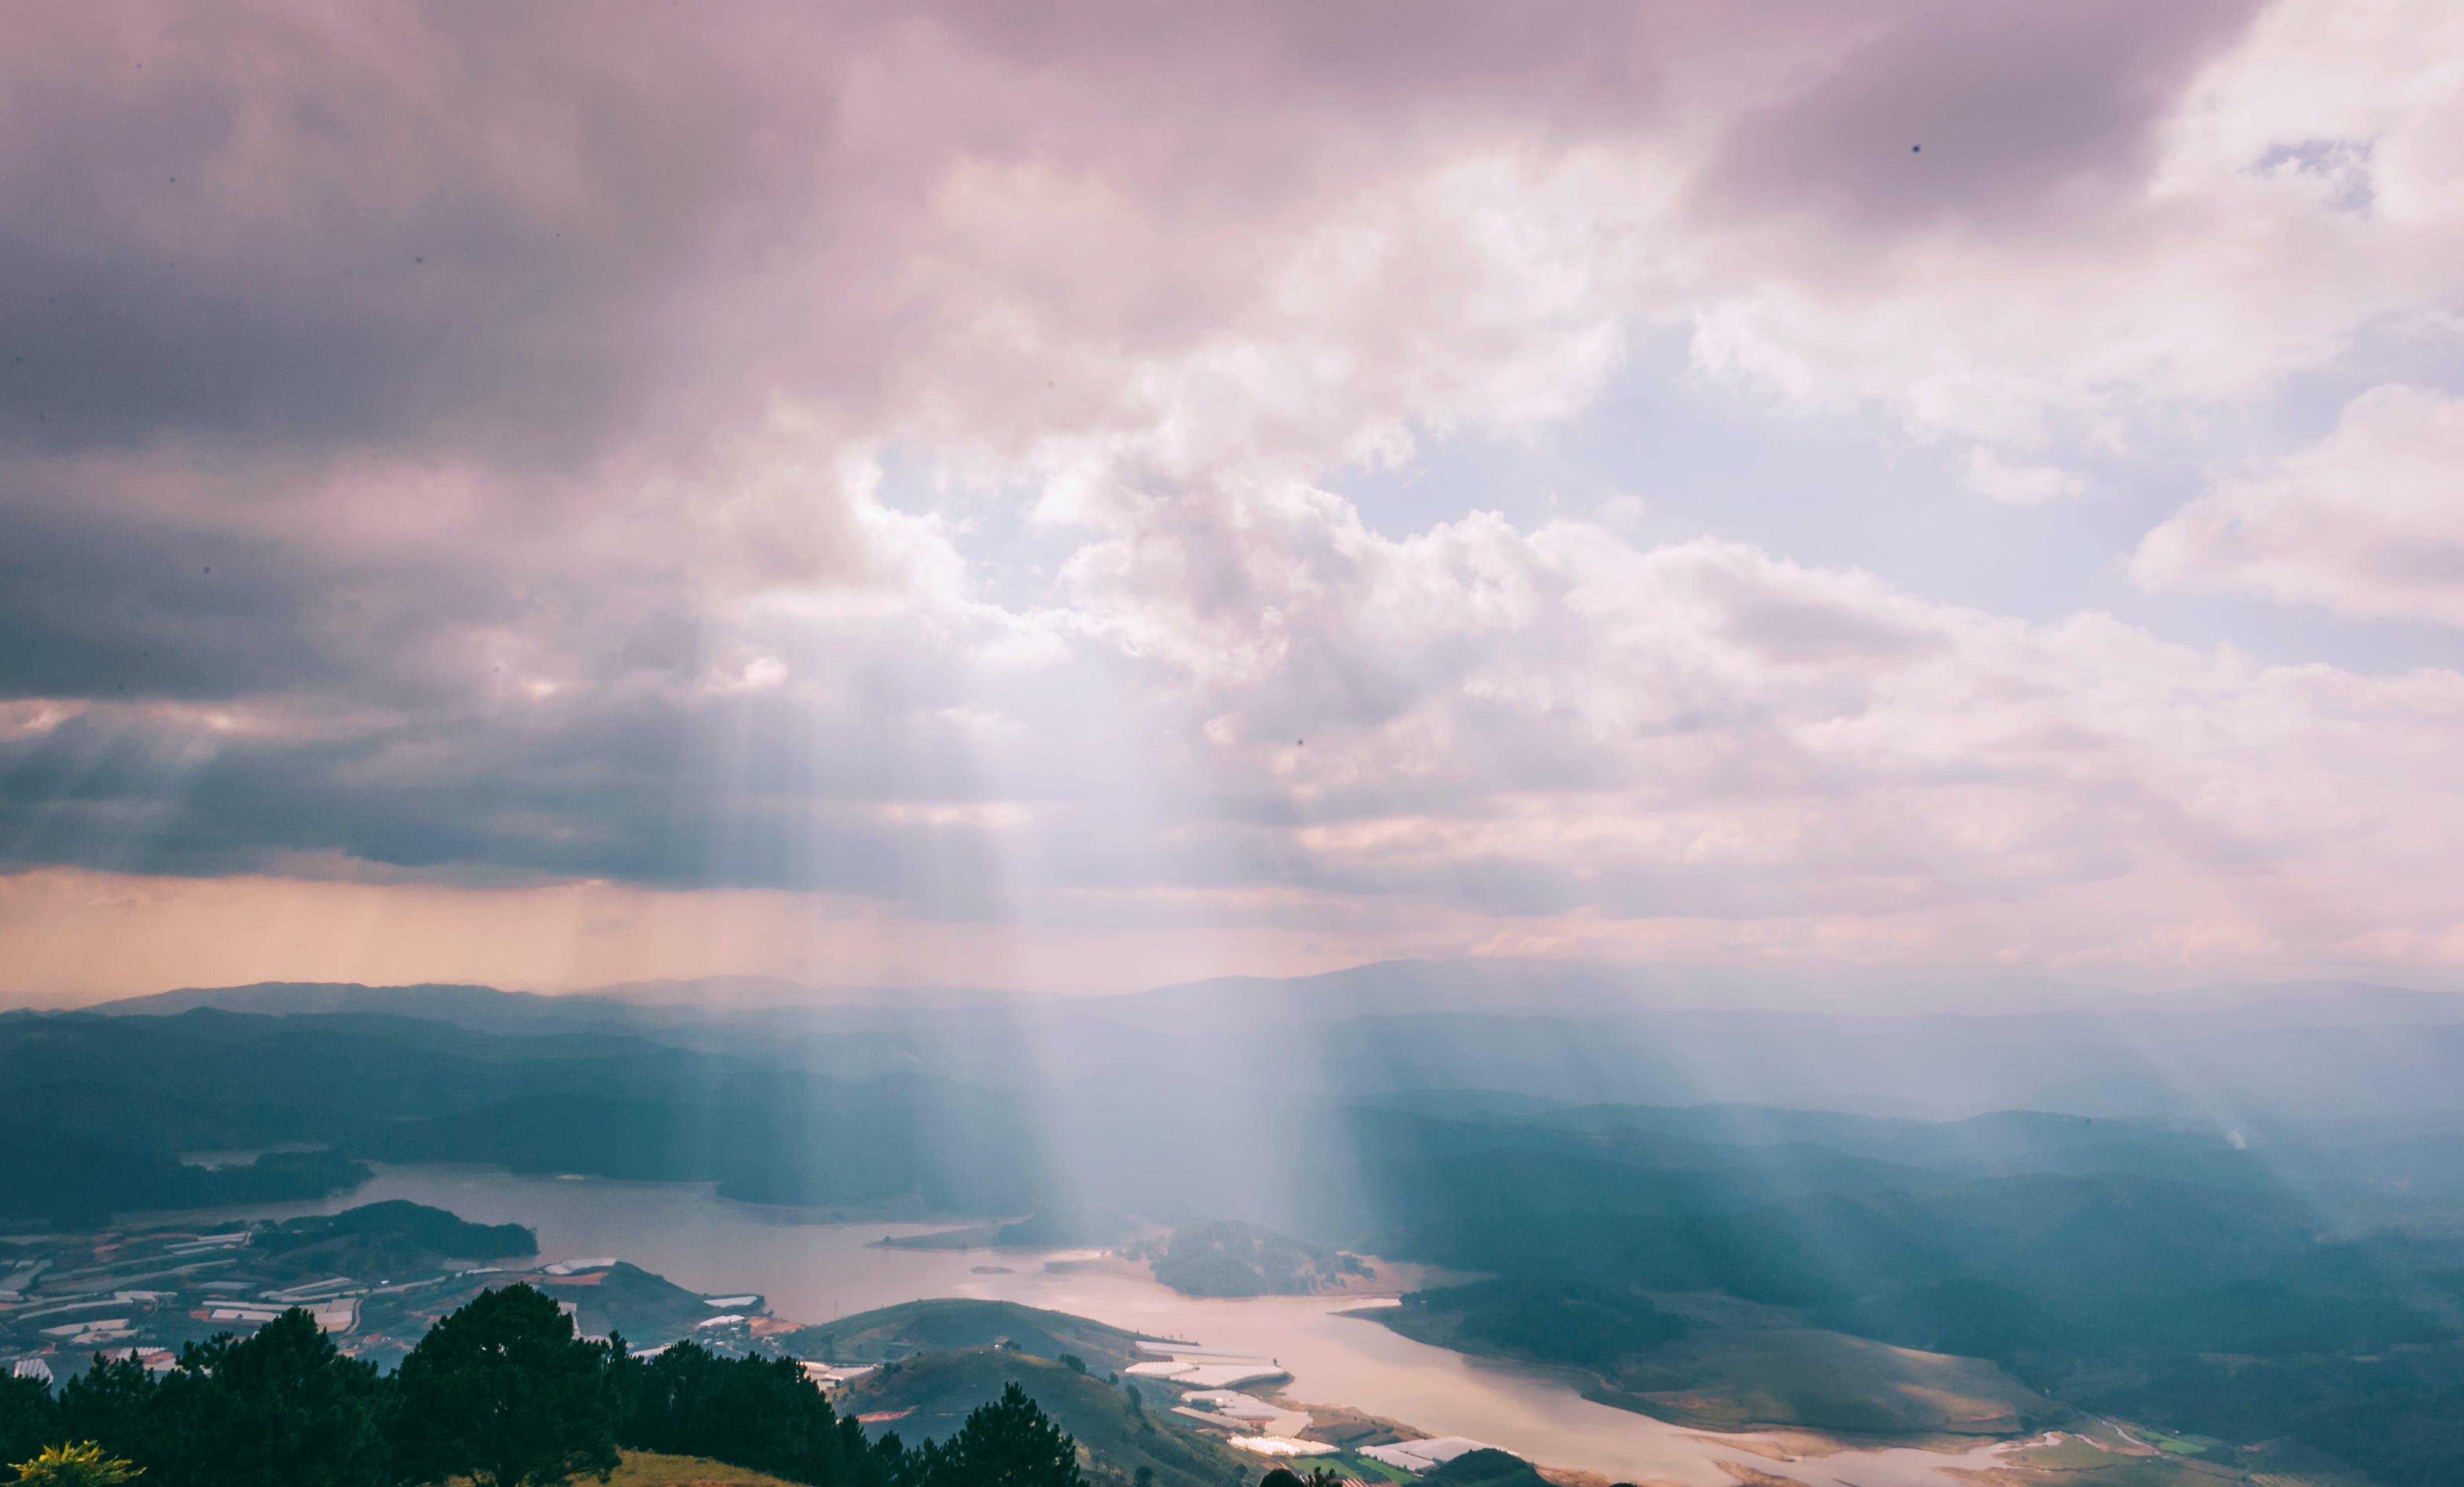 abend, atmosphäre, berg